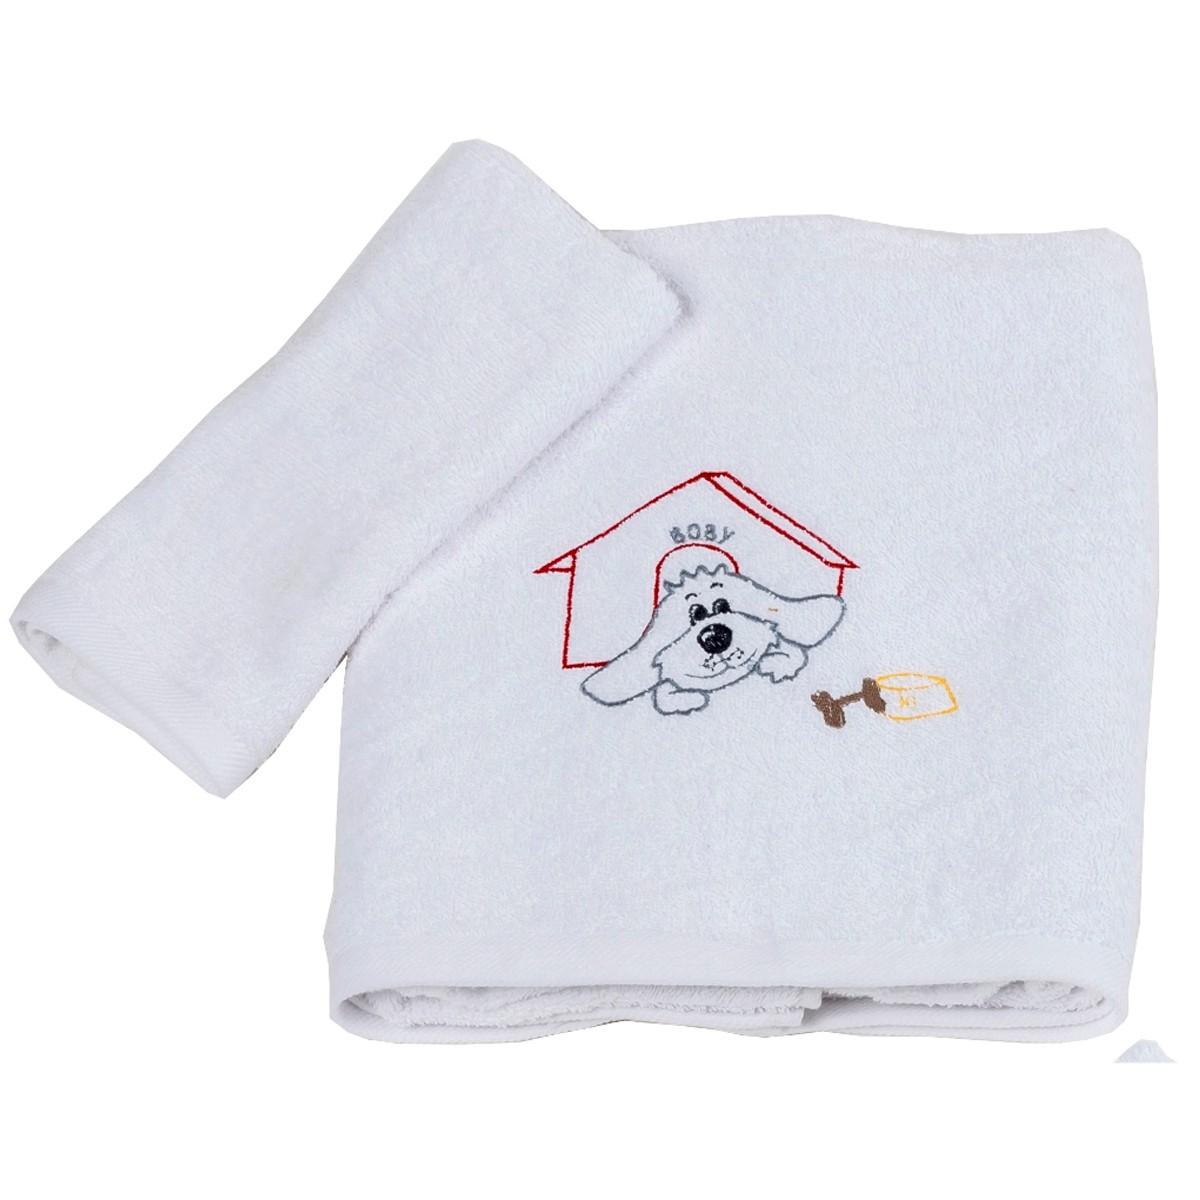 Βρεφικές Πετσέτες (Σετ 2τμχ) Κόσμος Του Μωρού Boby 0502 Κόκκινο